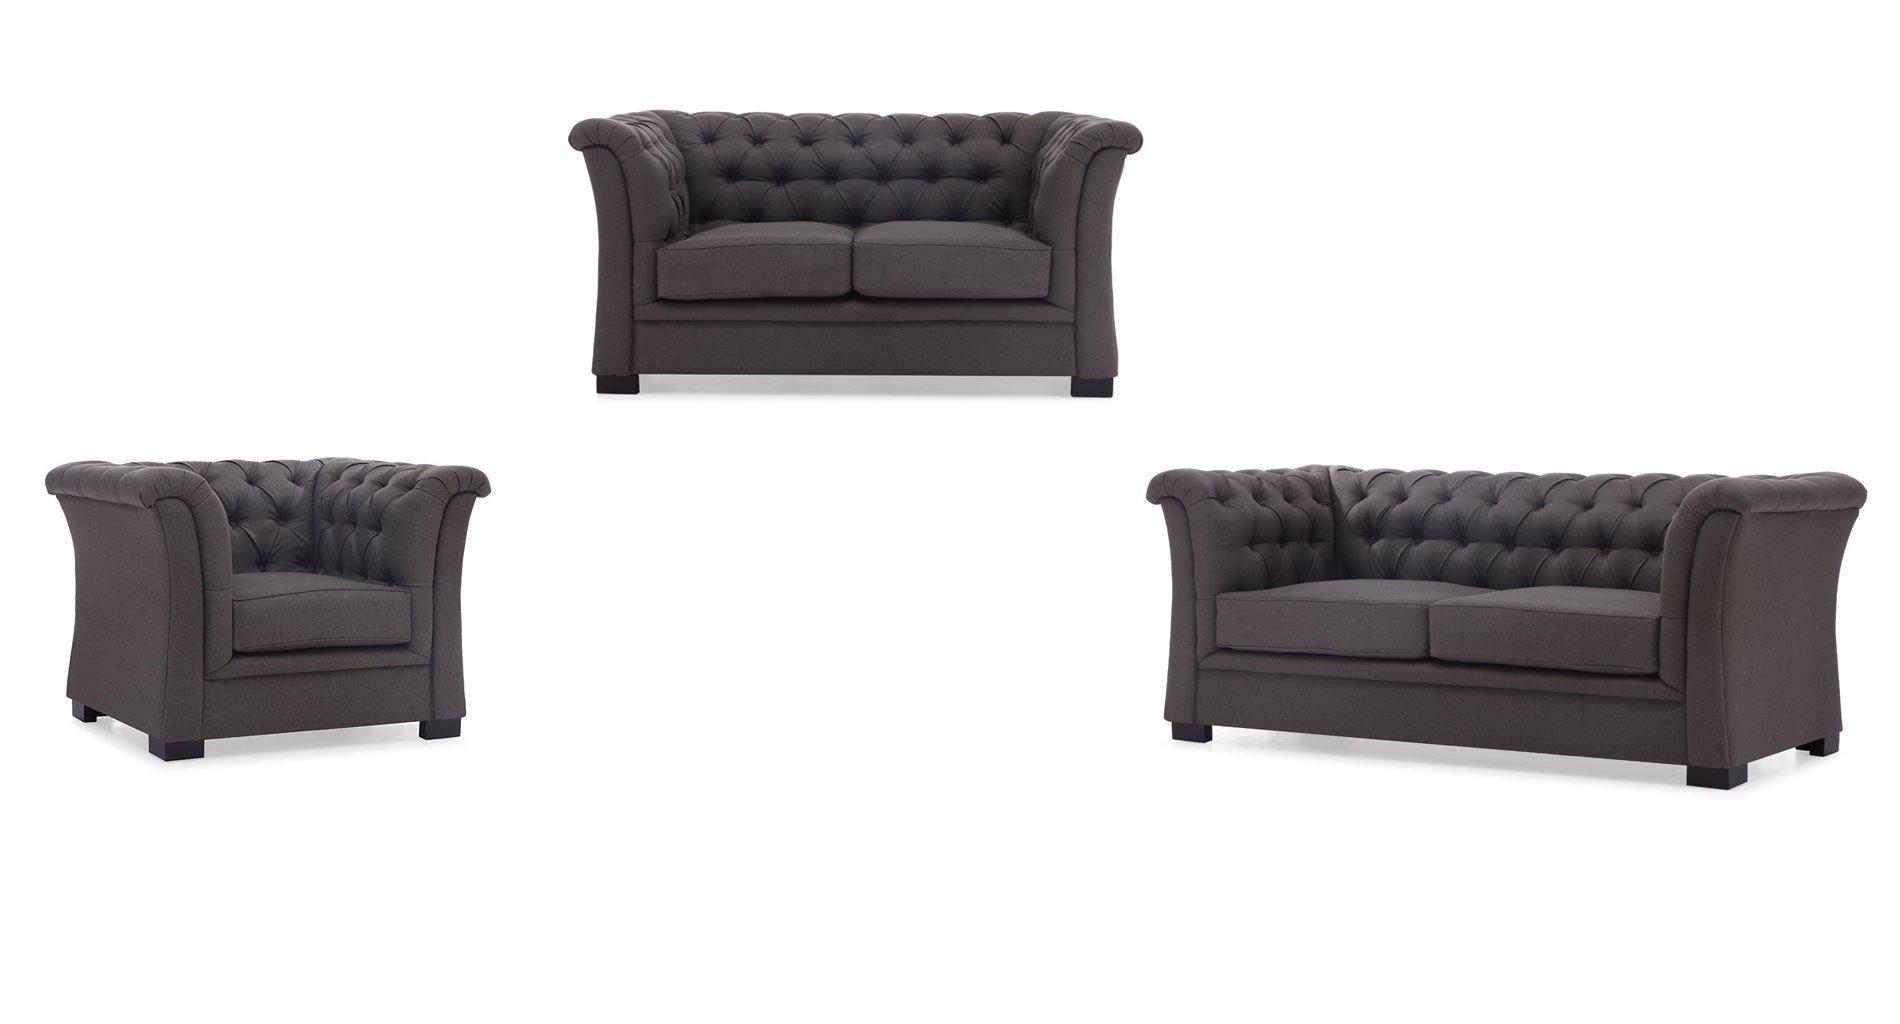 Nob Hill Living Room Set (Charcoal Gray)